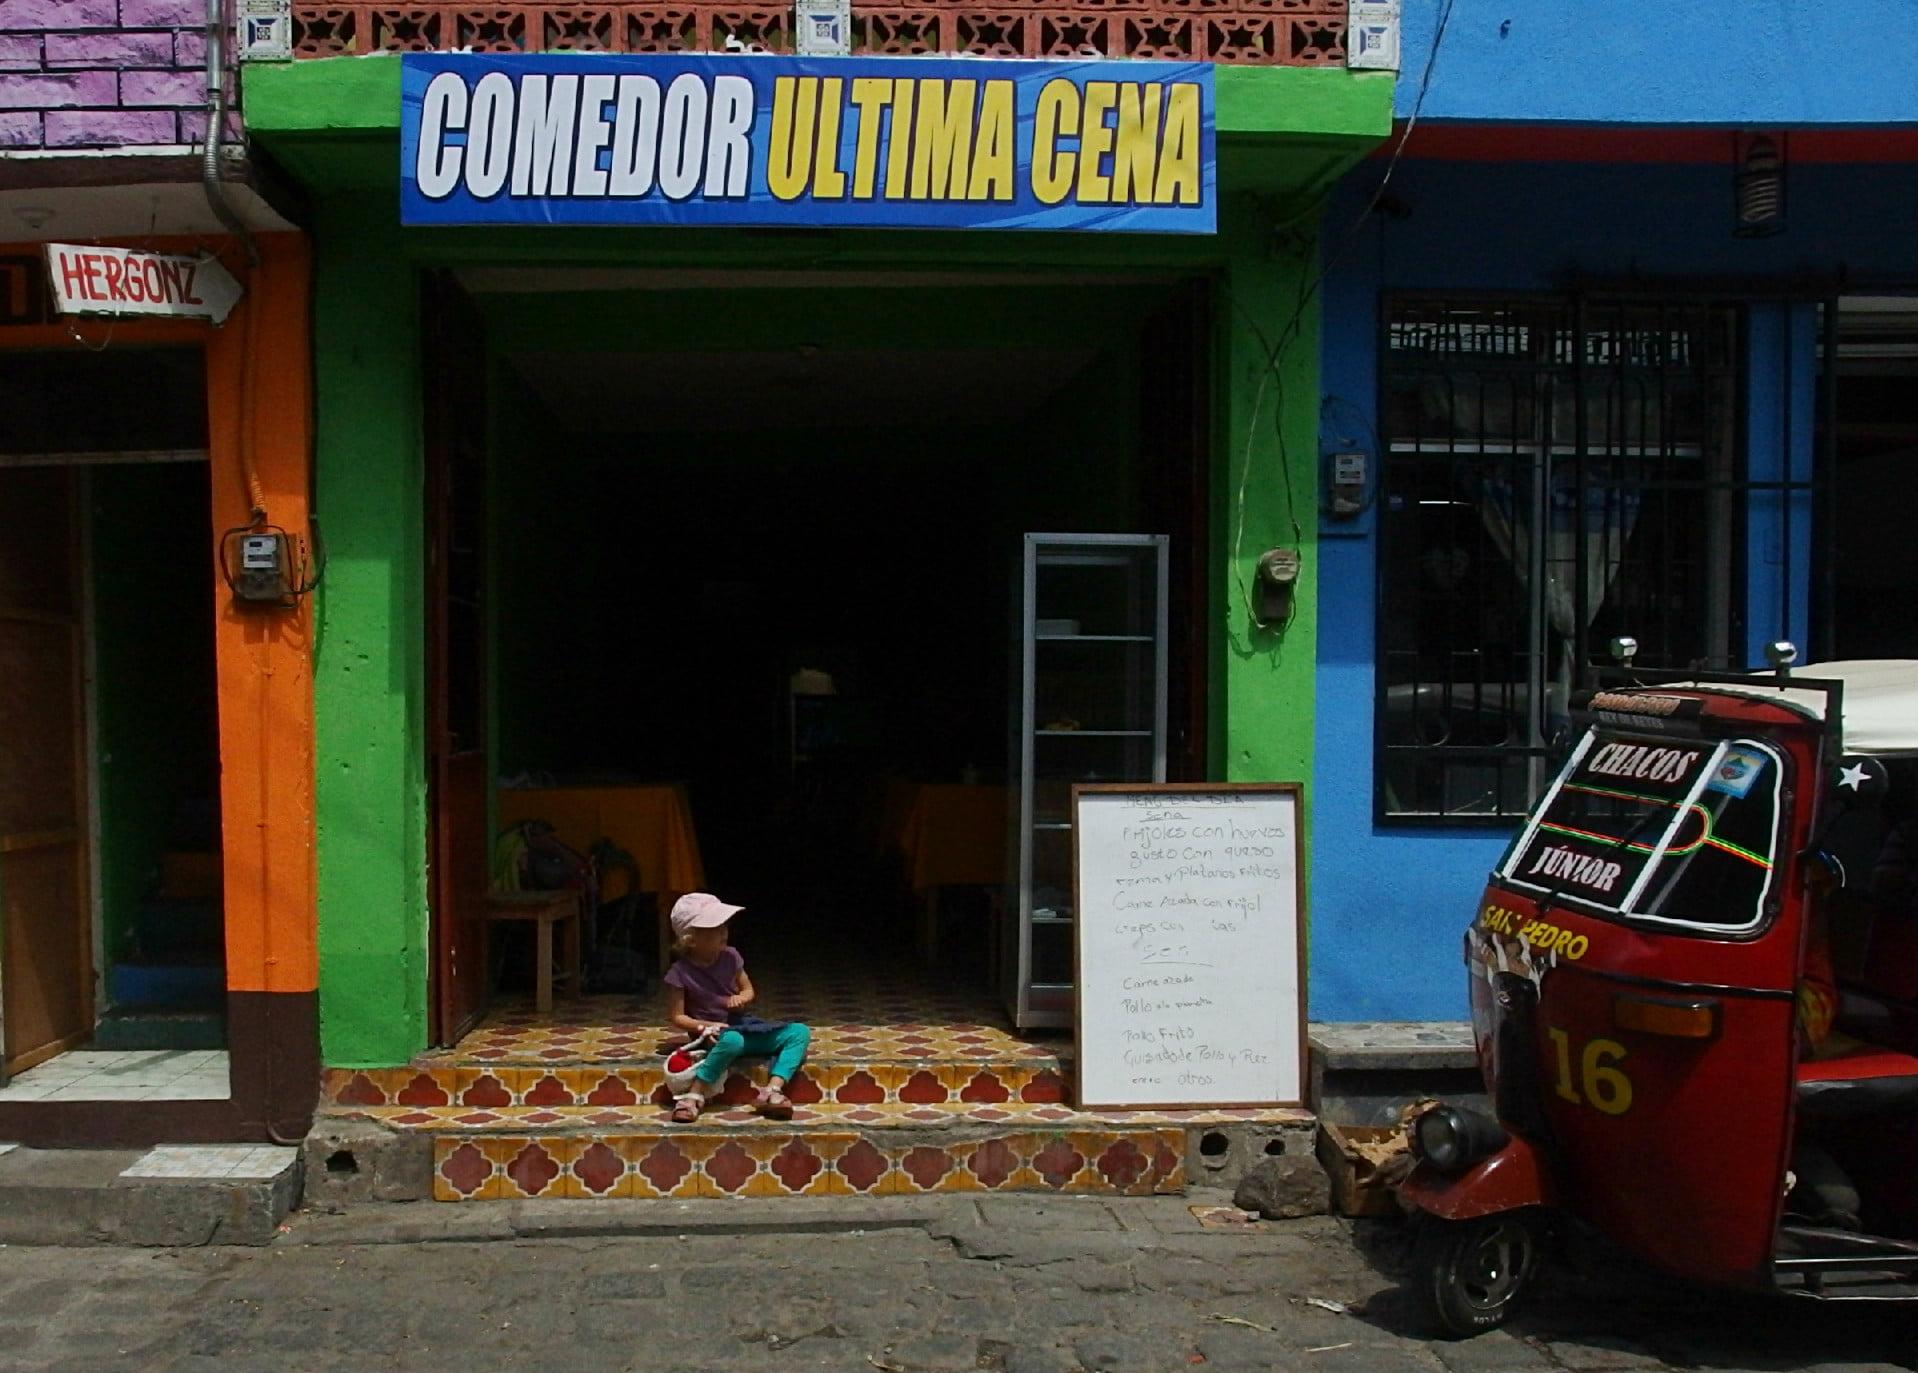 Comedor, czyli uliczna najpopularniejsza garkuchnia, w której stołują sie lokalni mieszkańcy. Panie tam pracujące mają olbrzymie serca.